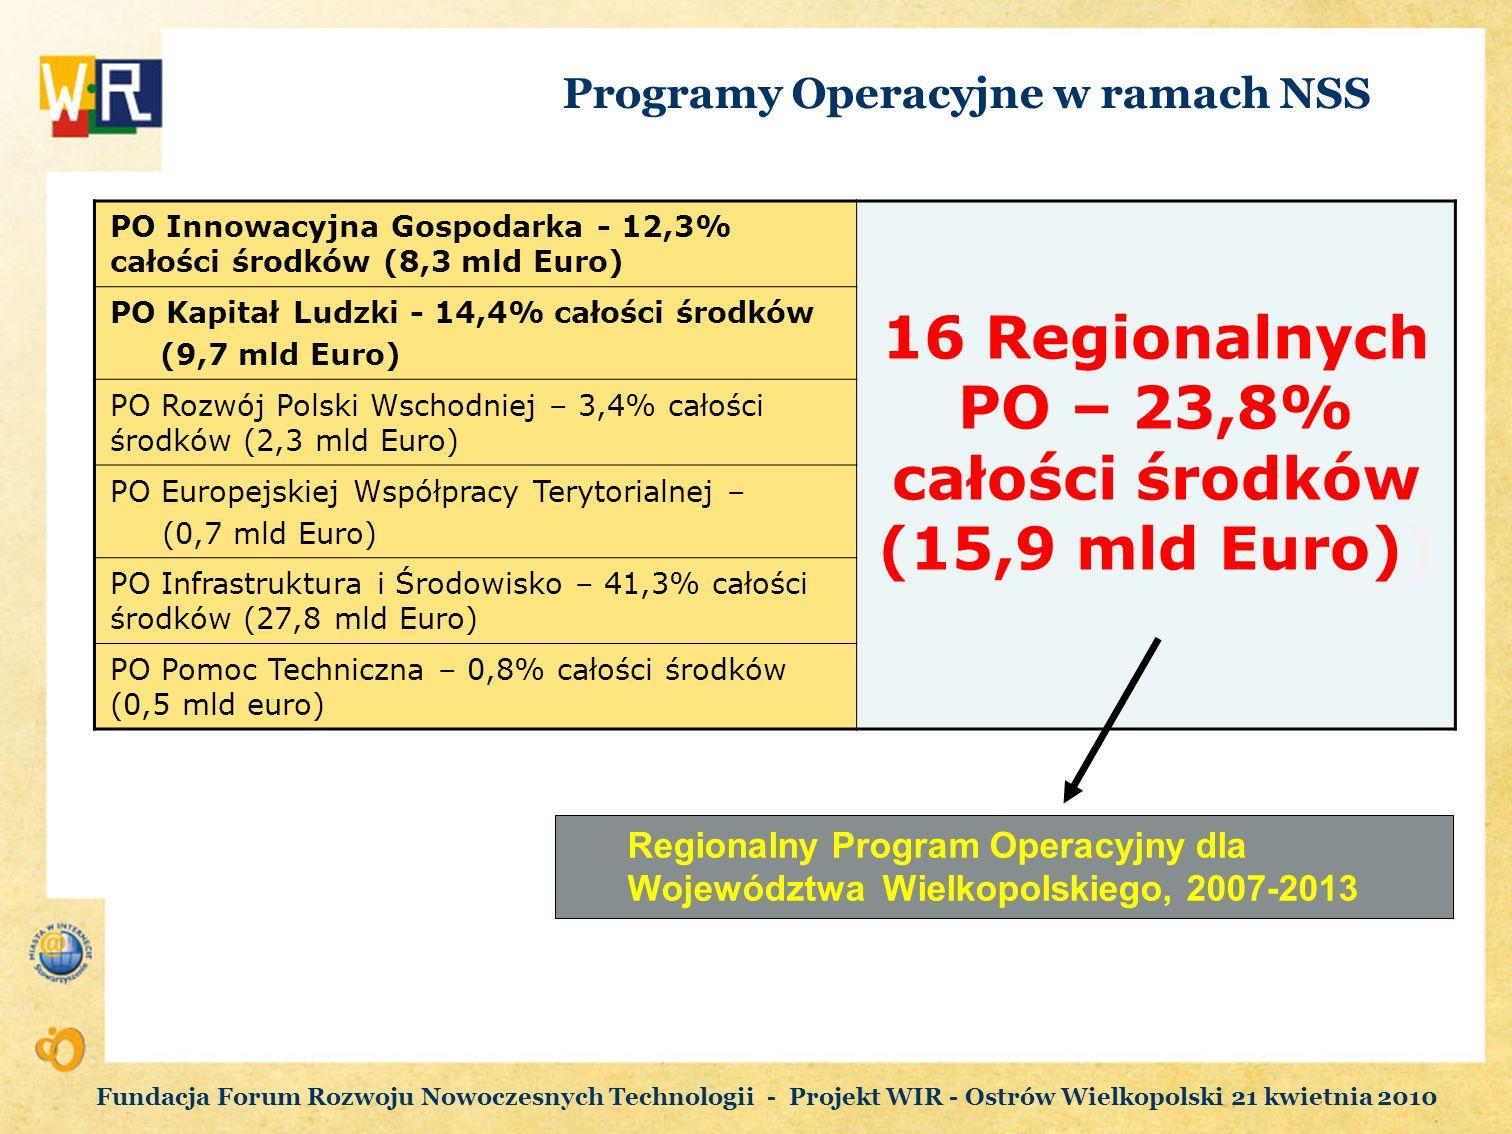 Programy Operacyjne w ramach NSS PO Innowacyjna Gospodarka - 12,3% całości środków (8,3 mld Euro) 16 Regionalnych PO – 23,8% całości środków (15,9 mld